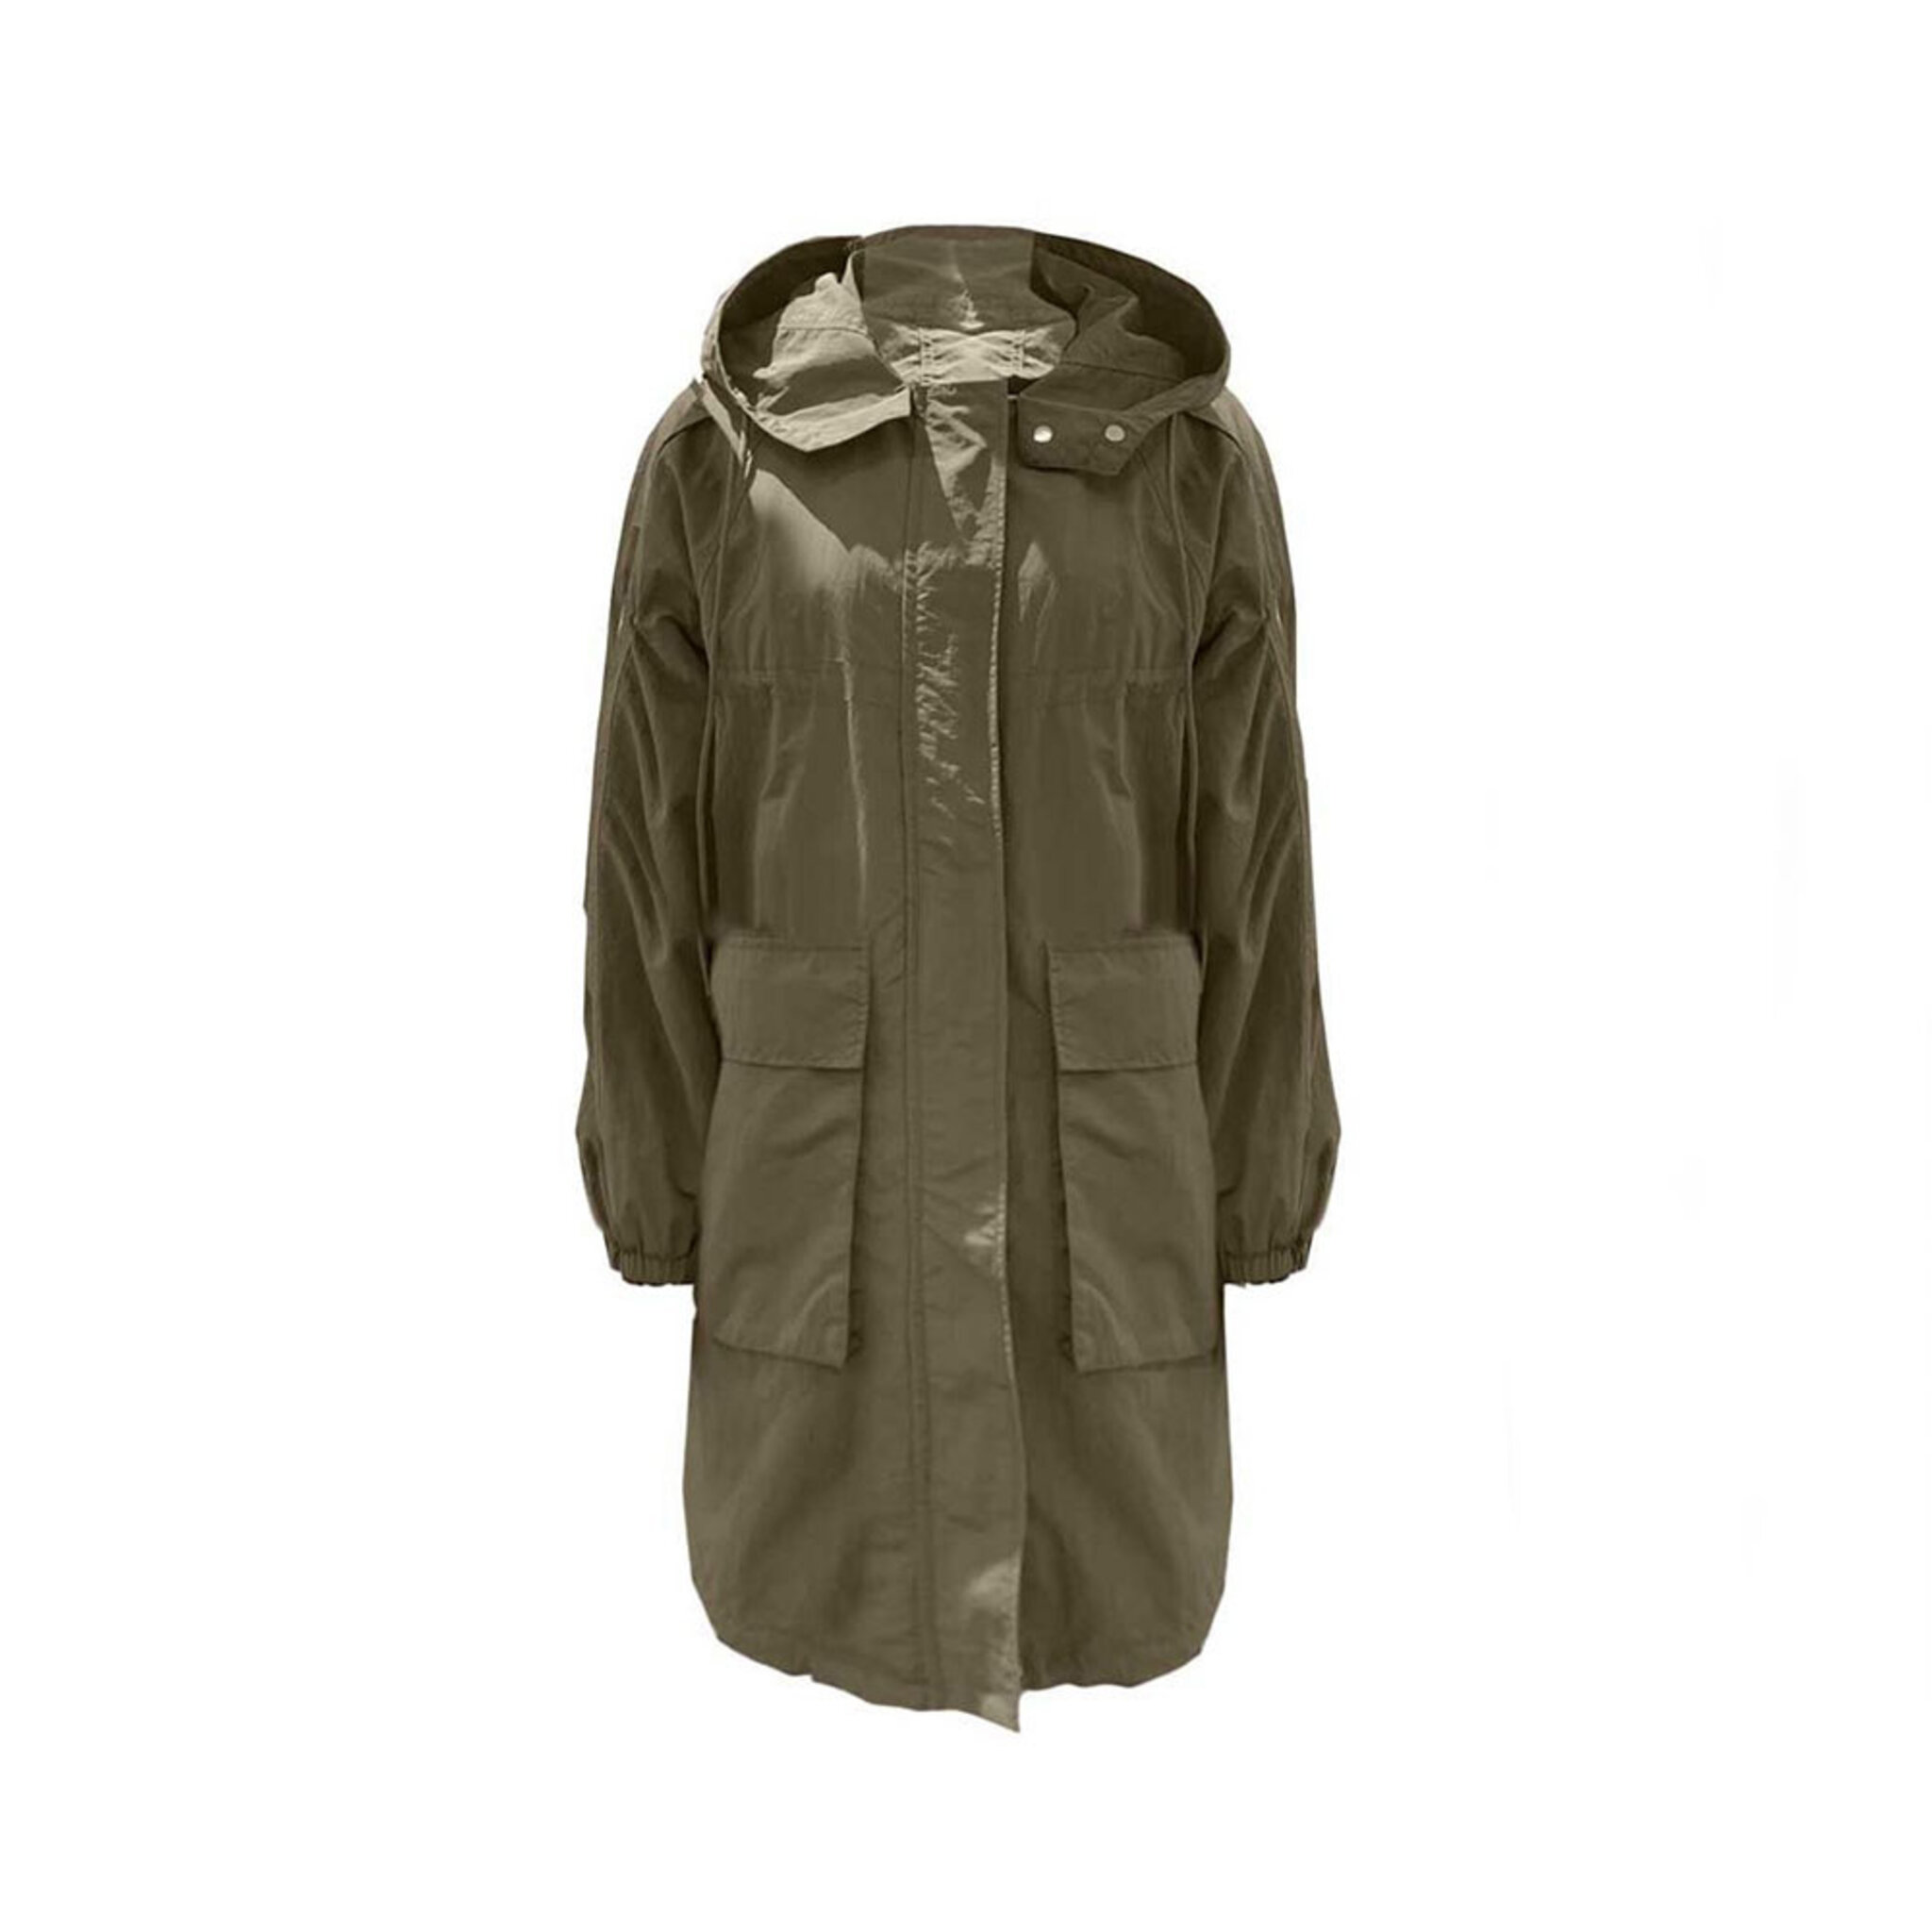 RAE PARKA Jacket